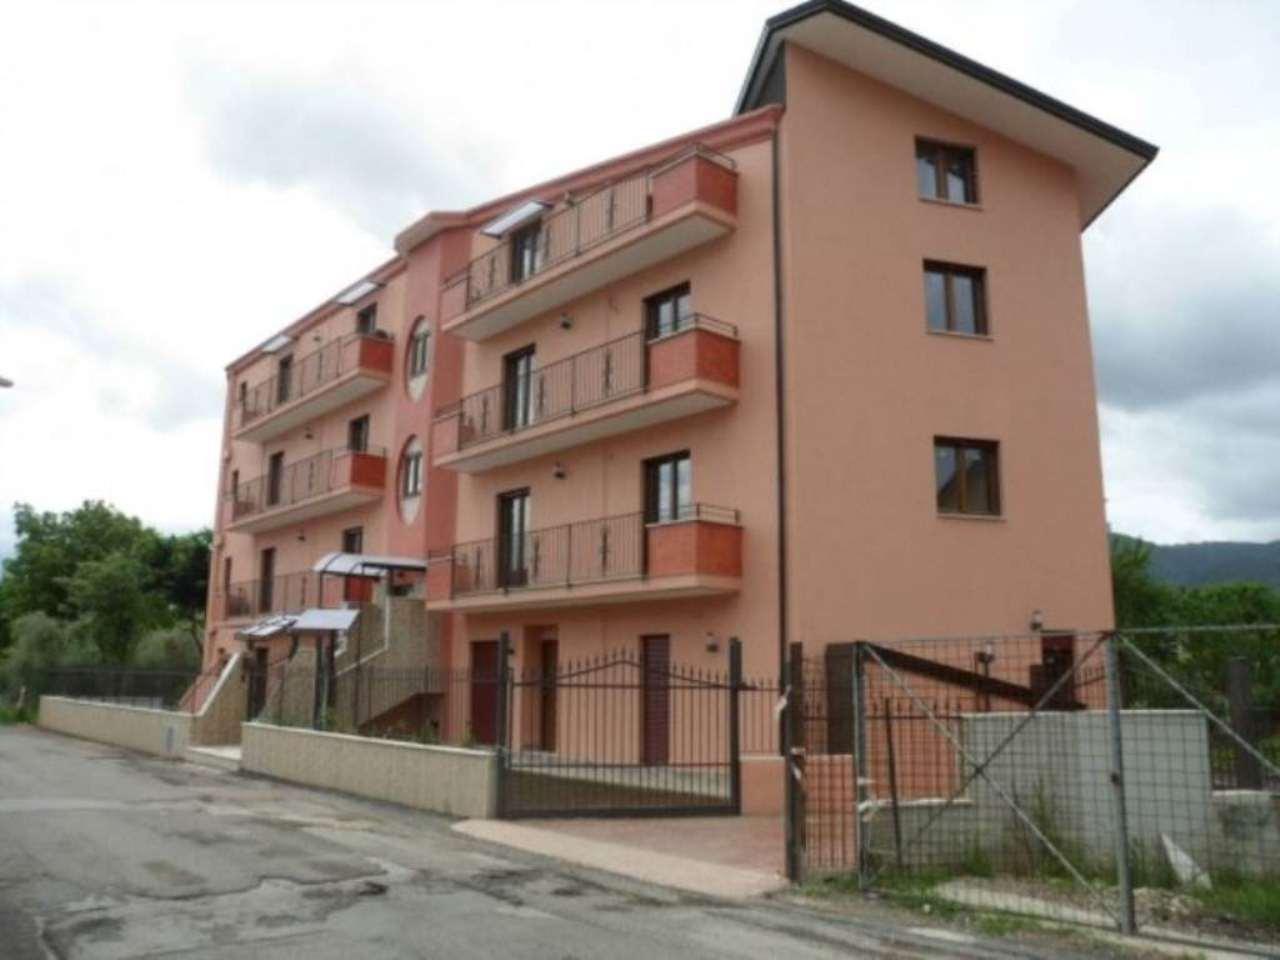 Appartamento in vendita a Airola, 4 locali, prezzo € 150.000 | CambioCasa.it